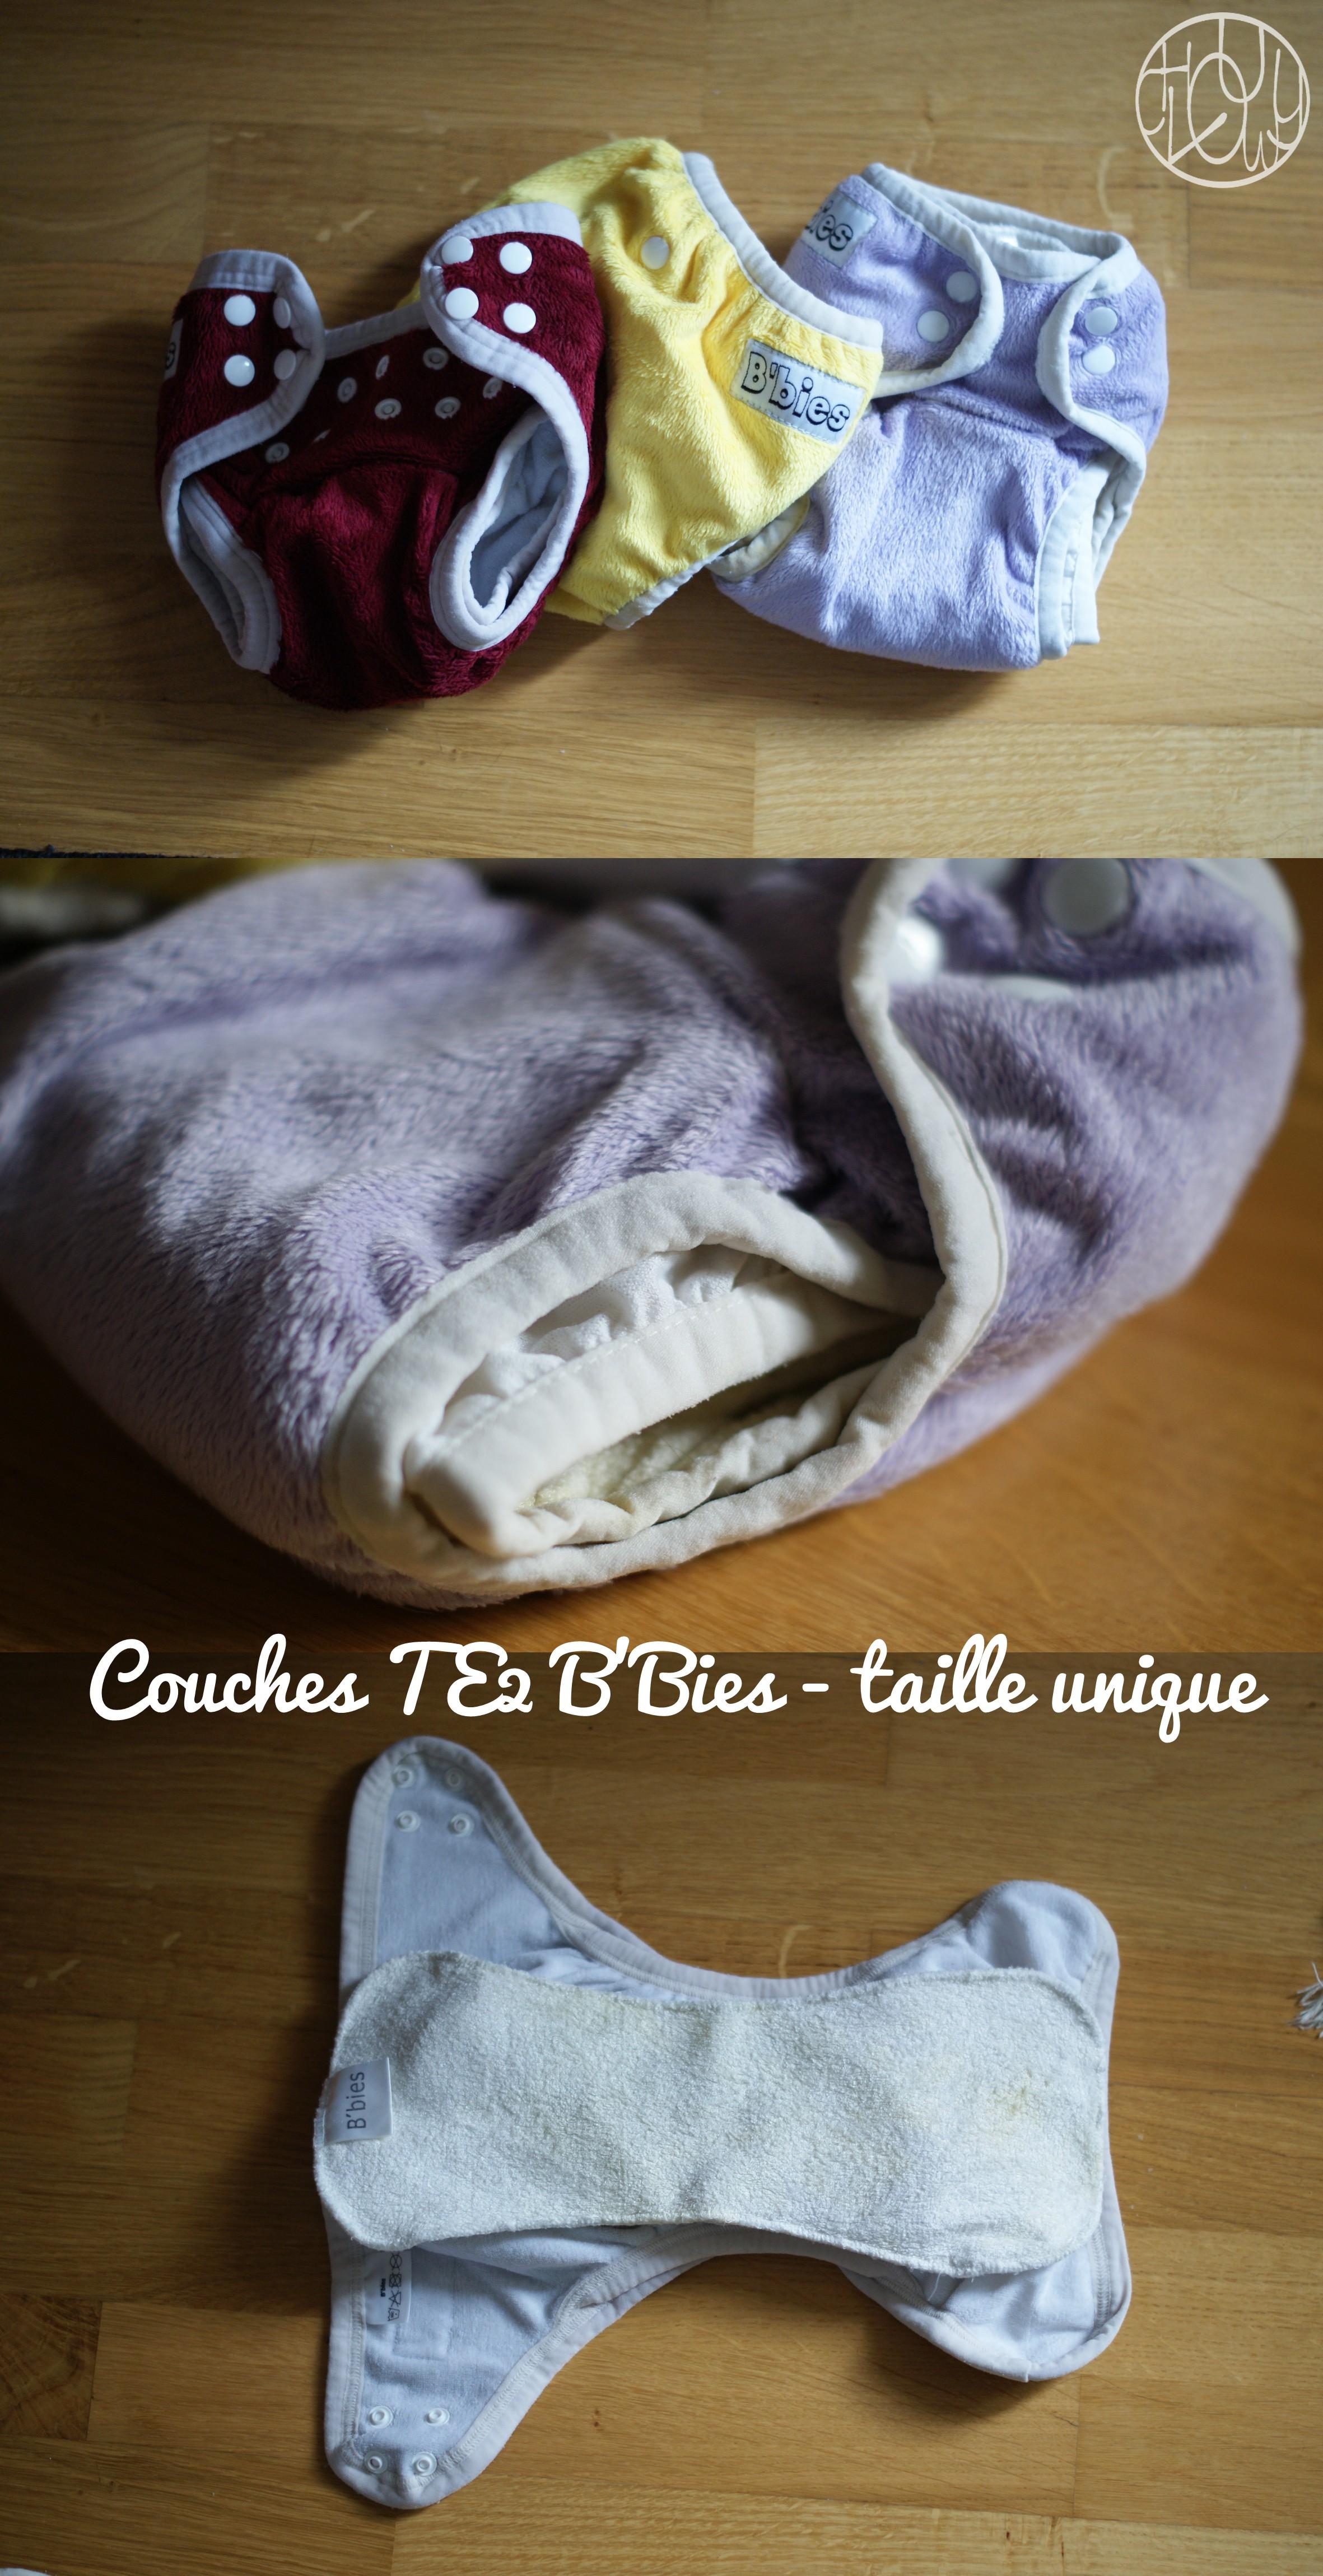 Les Couches Lavables 5 Test Comparatif Des Couches Te1 Et Te2